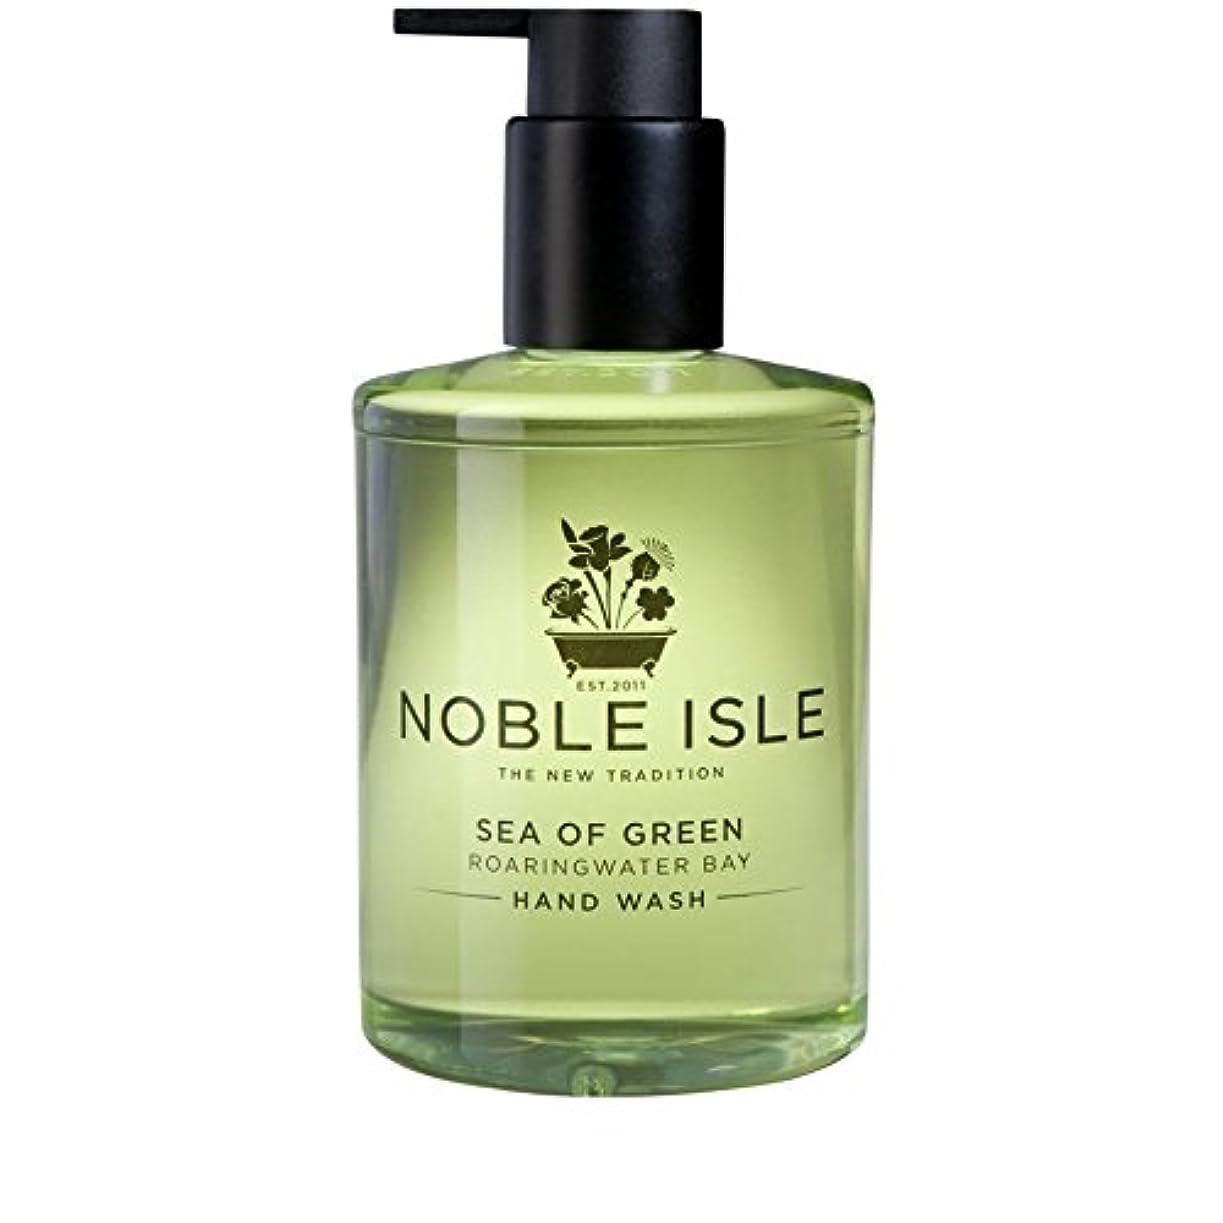 証拠雇った注意緑ベイハンドウォッシュ250ミリリットルの高貴な島の海 x4 - Noble Isle Sea of Green Roaringwater Bay Hand Wash 250ml (Pack of 4) [並行輸入品]